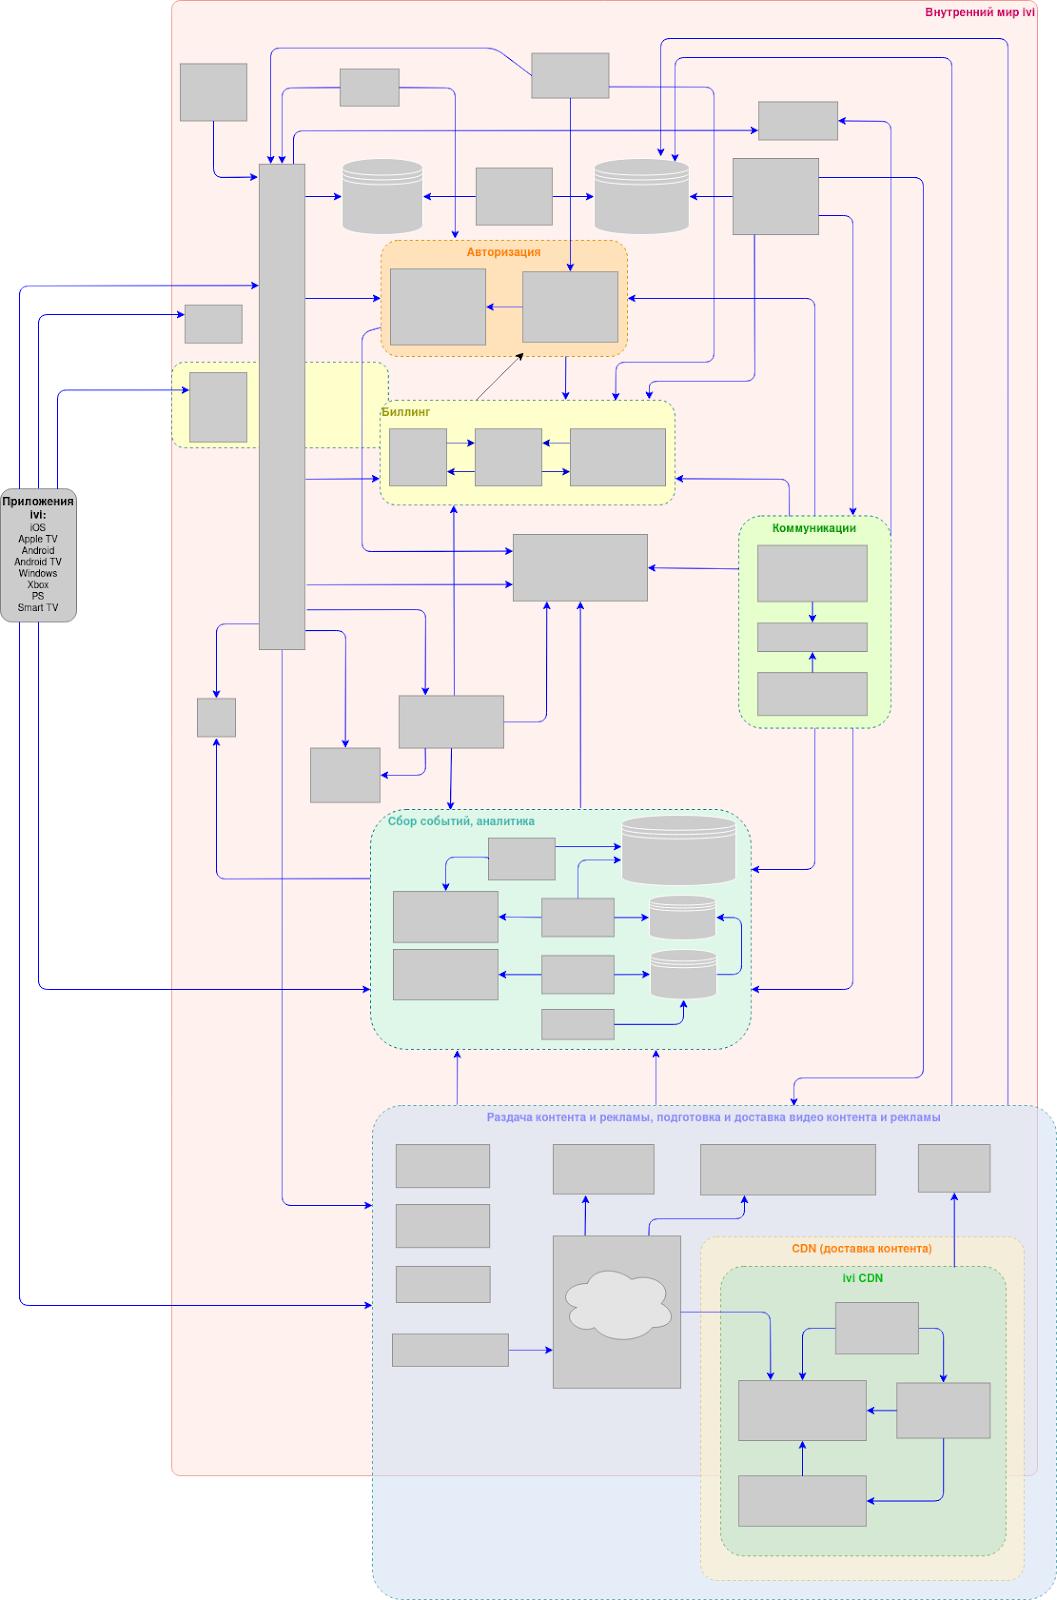 Путь IVI от монолита к микросервисам / Блог компании Онлайн-кинотеатр IVI / Хабр